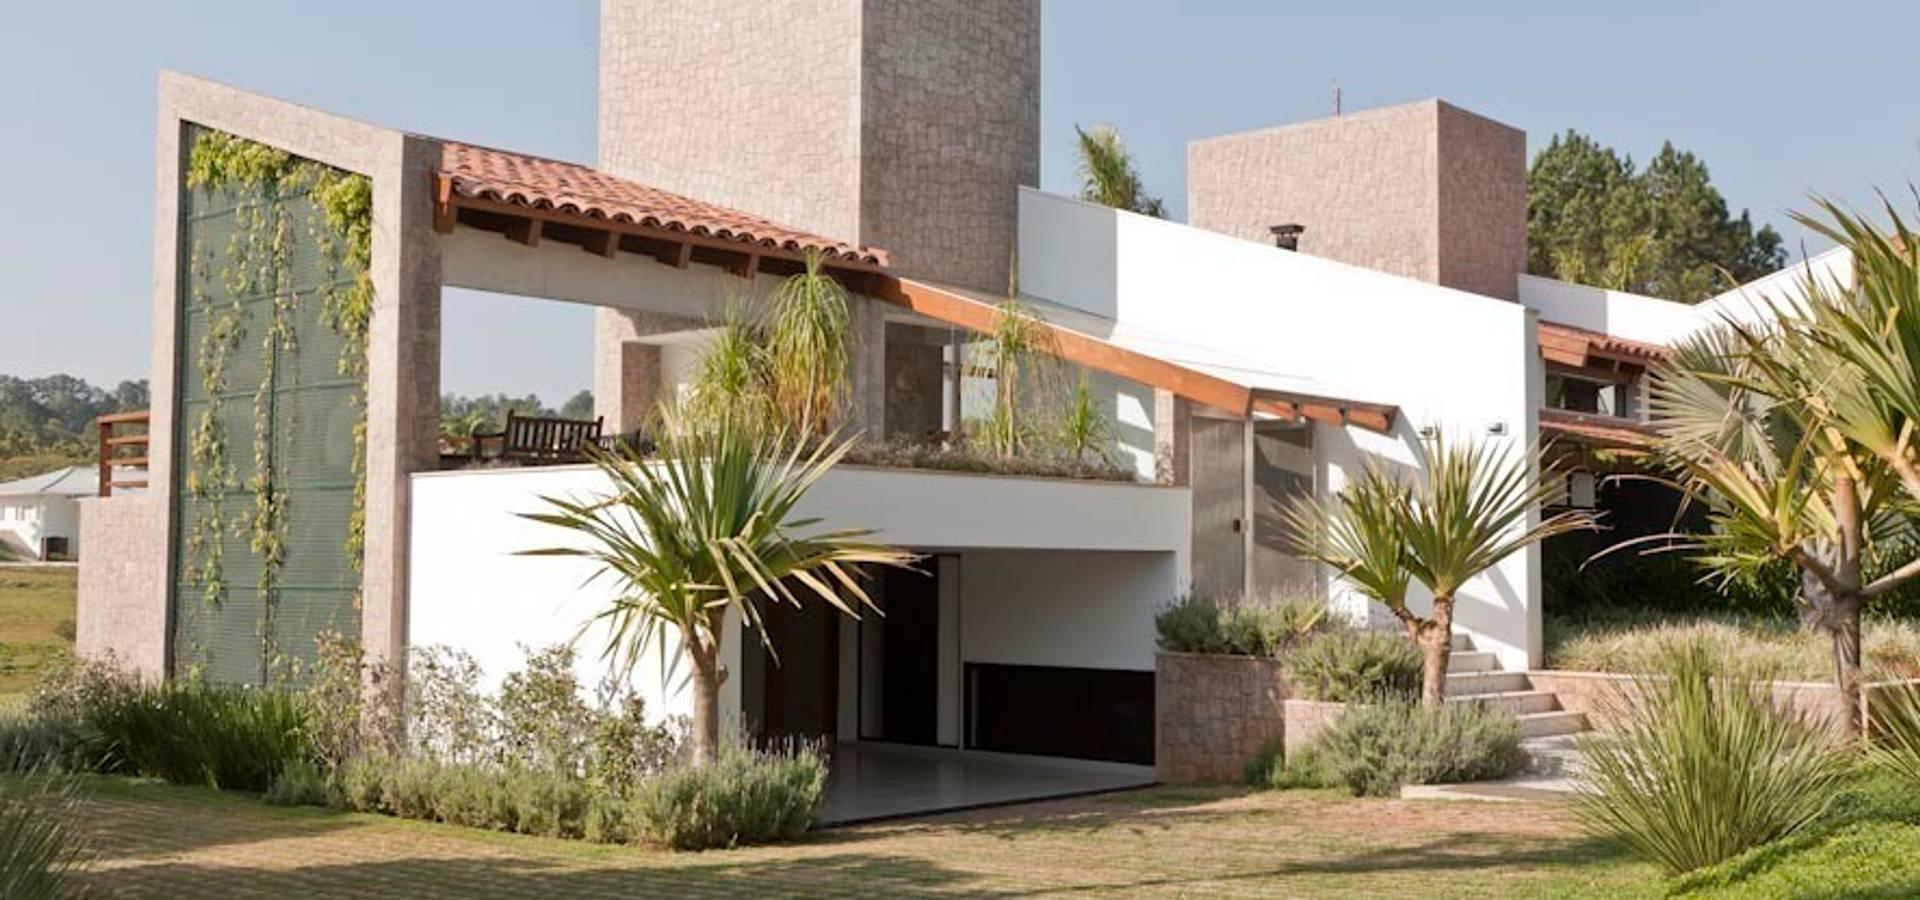 Maristela Faccioli Arquitetura